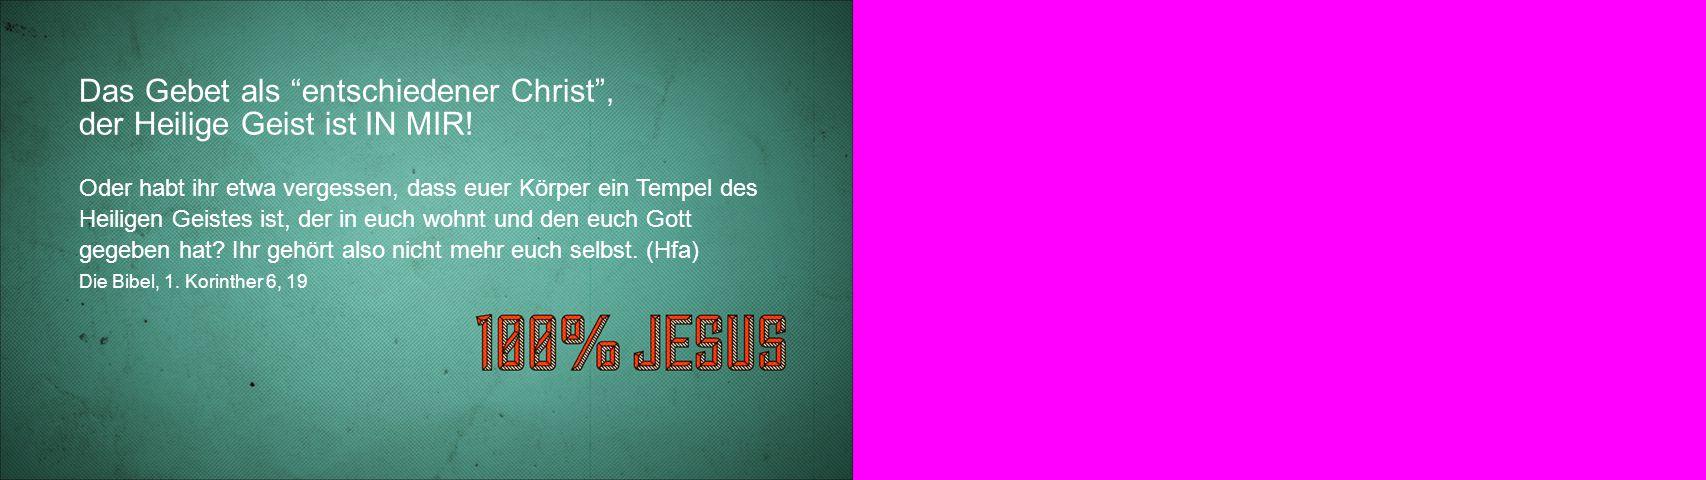 Das Gebet als entschiedener Christ , der Heilige Geist ist IN MIR.